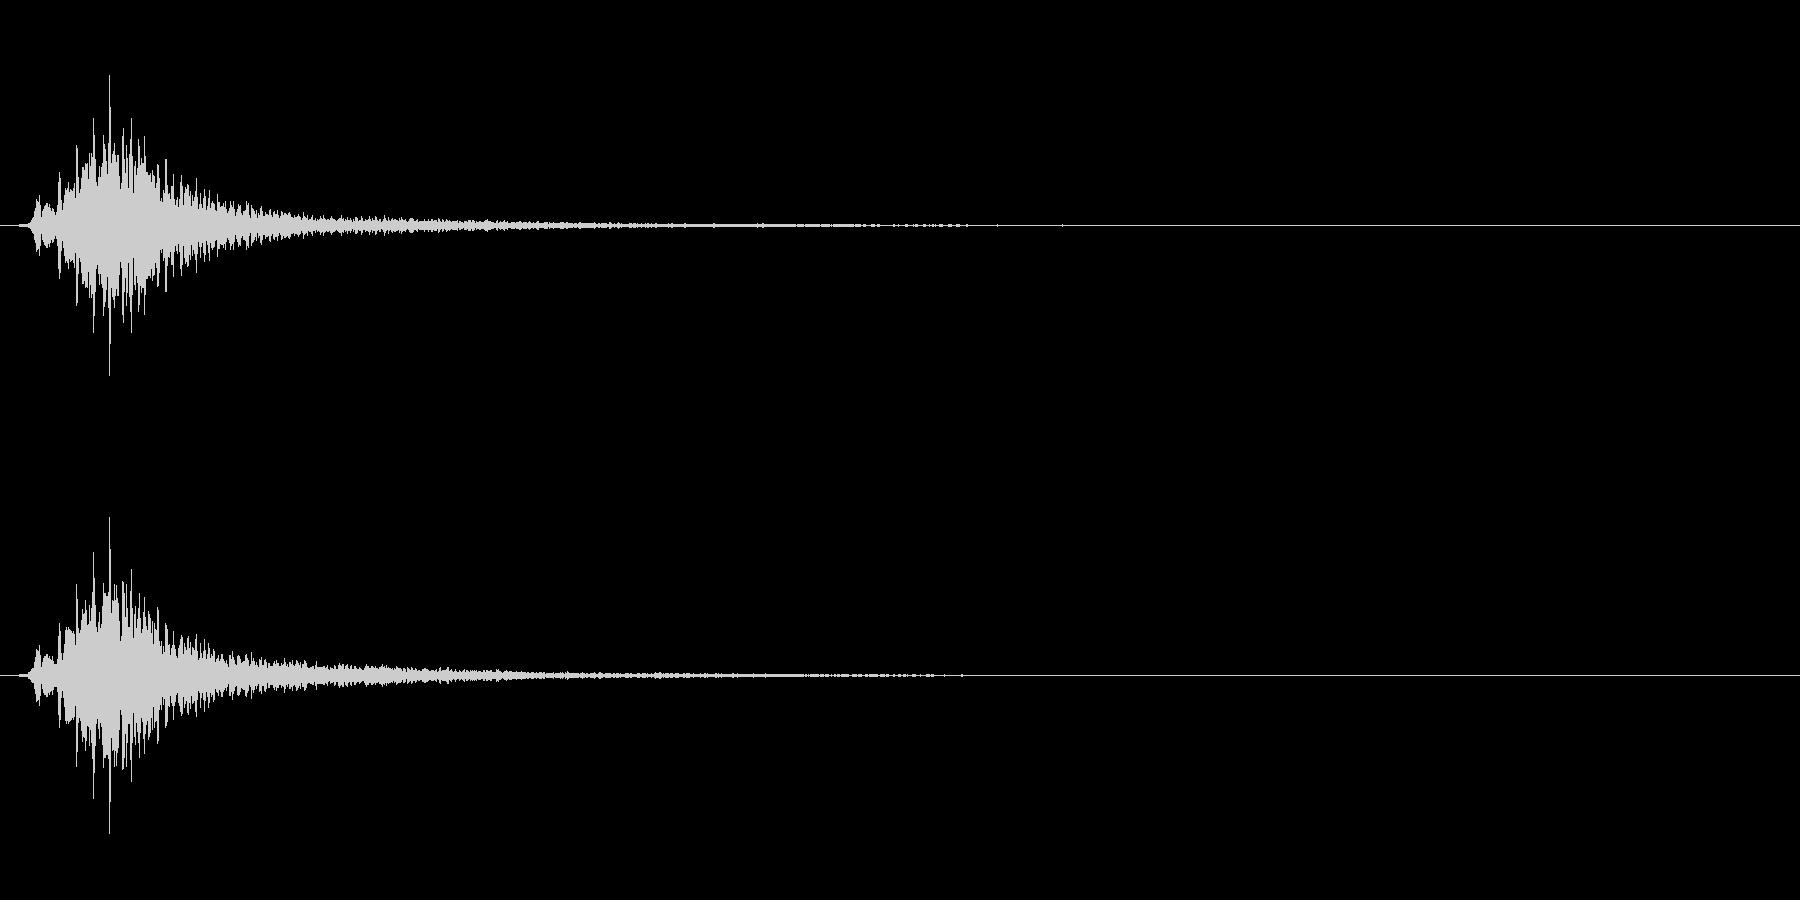 キラキラ系_012の未再生の波形